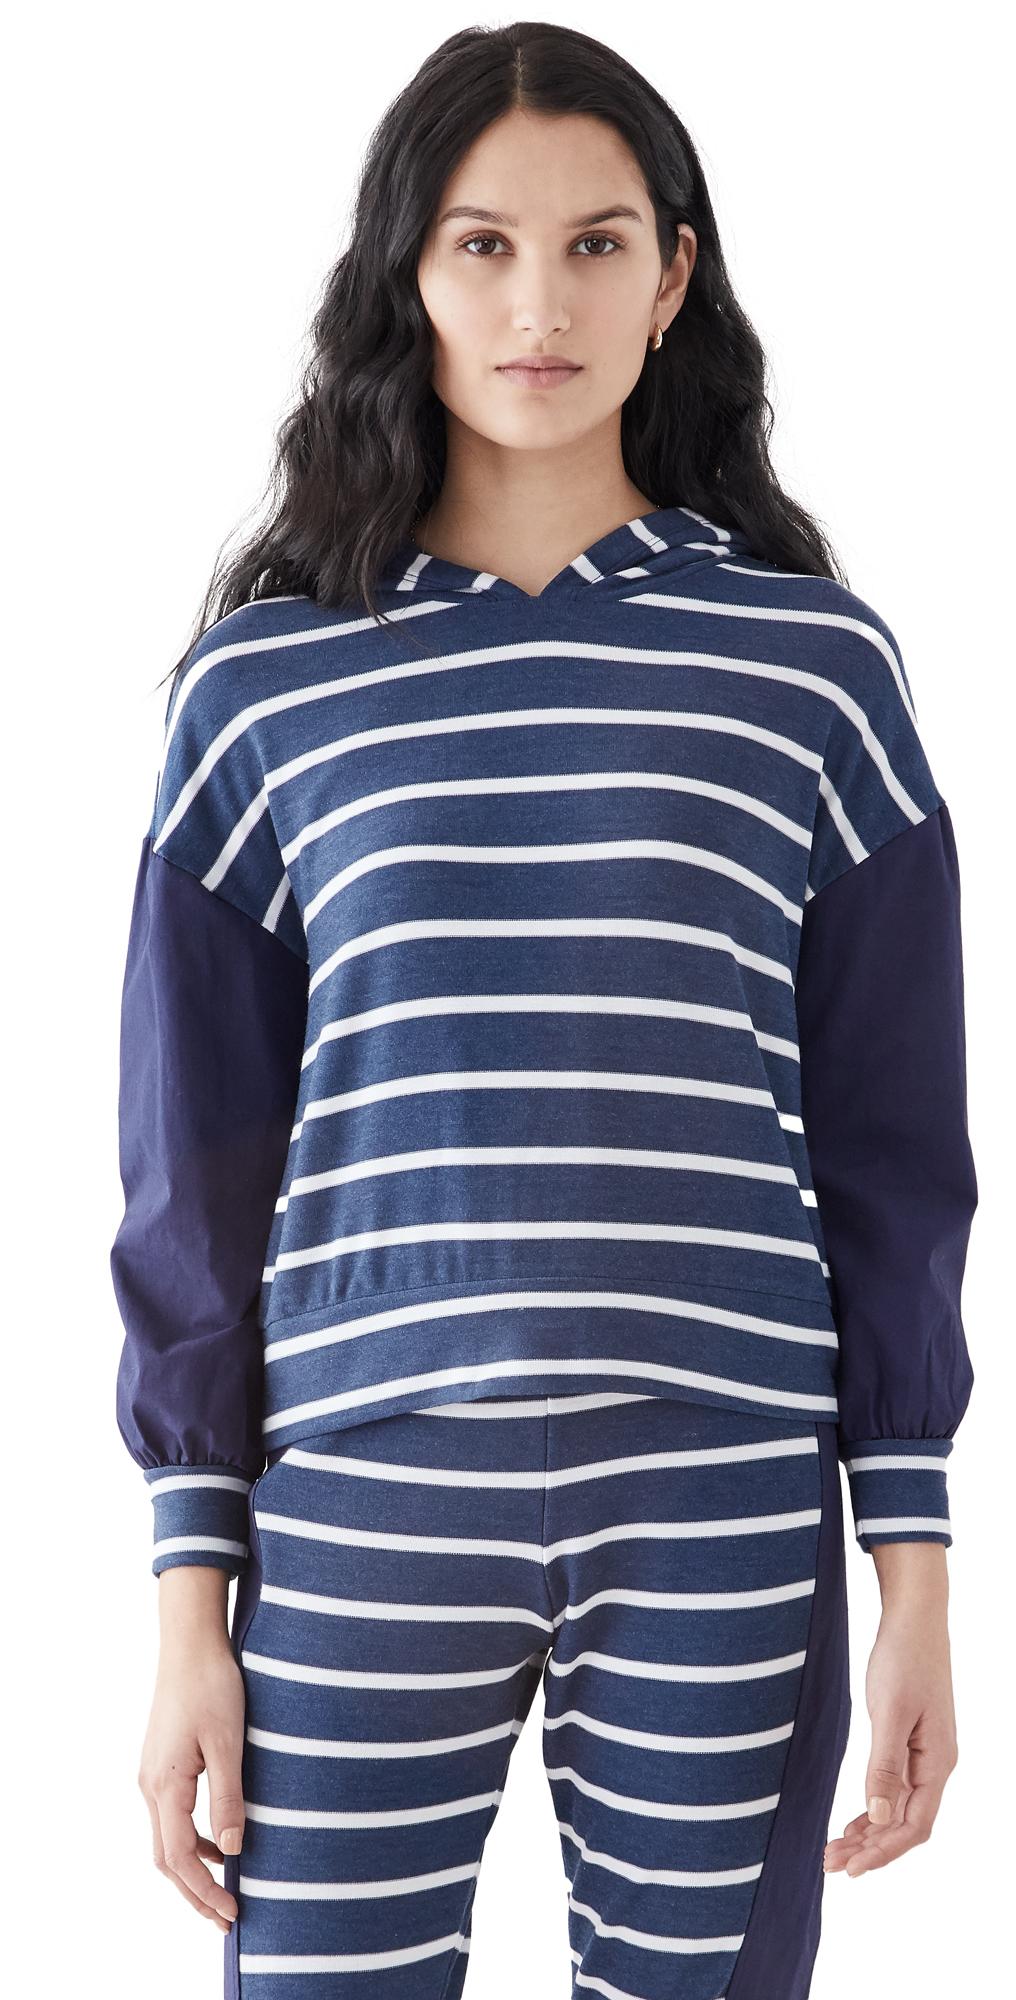 Chaser Blouson Stripe Pullover